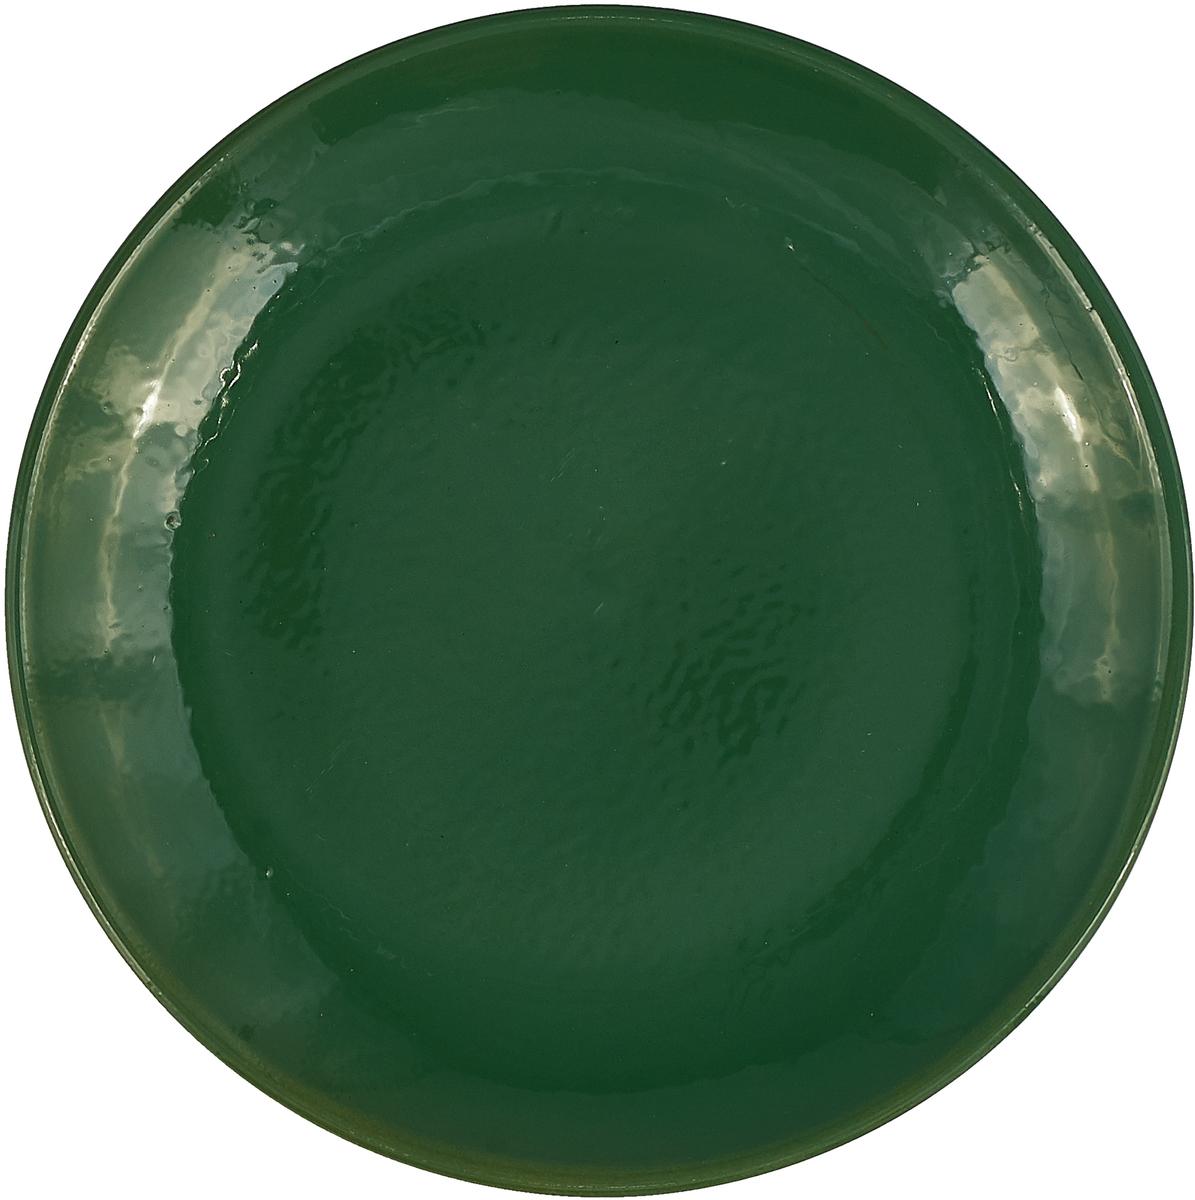 Тарелка Борисовская керамика Радуга, цвет: зеленый, диаметр 23 смРАД14458120_зеленый